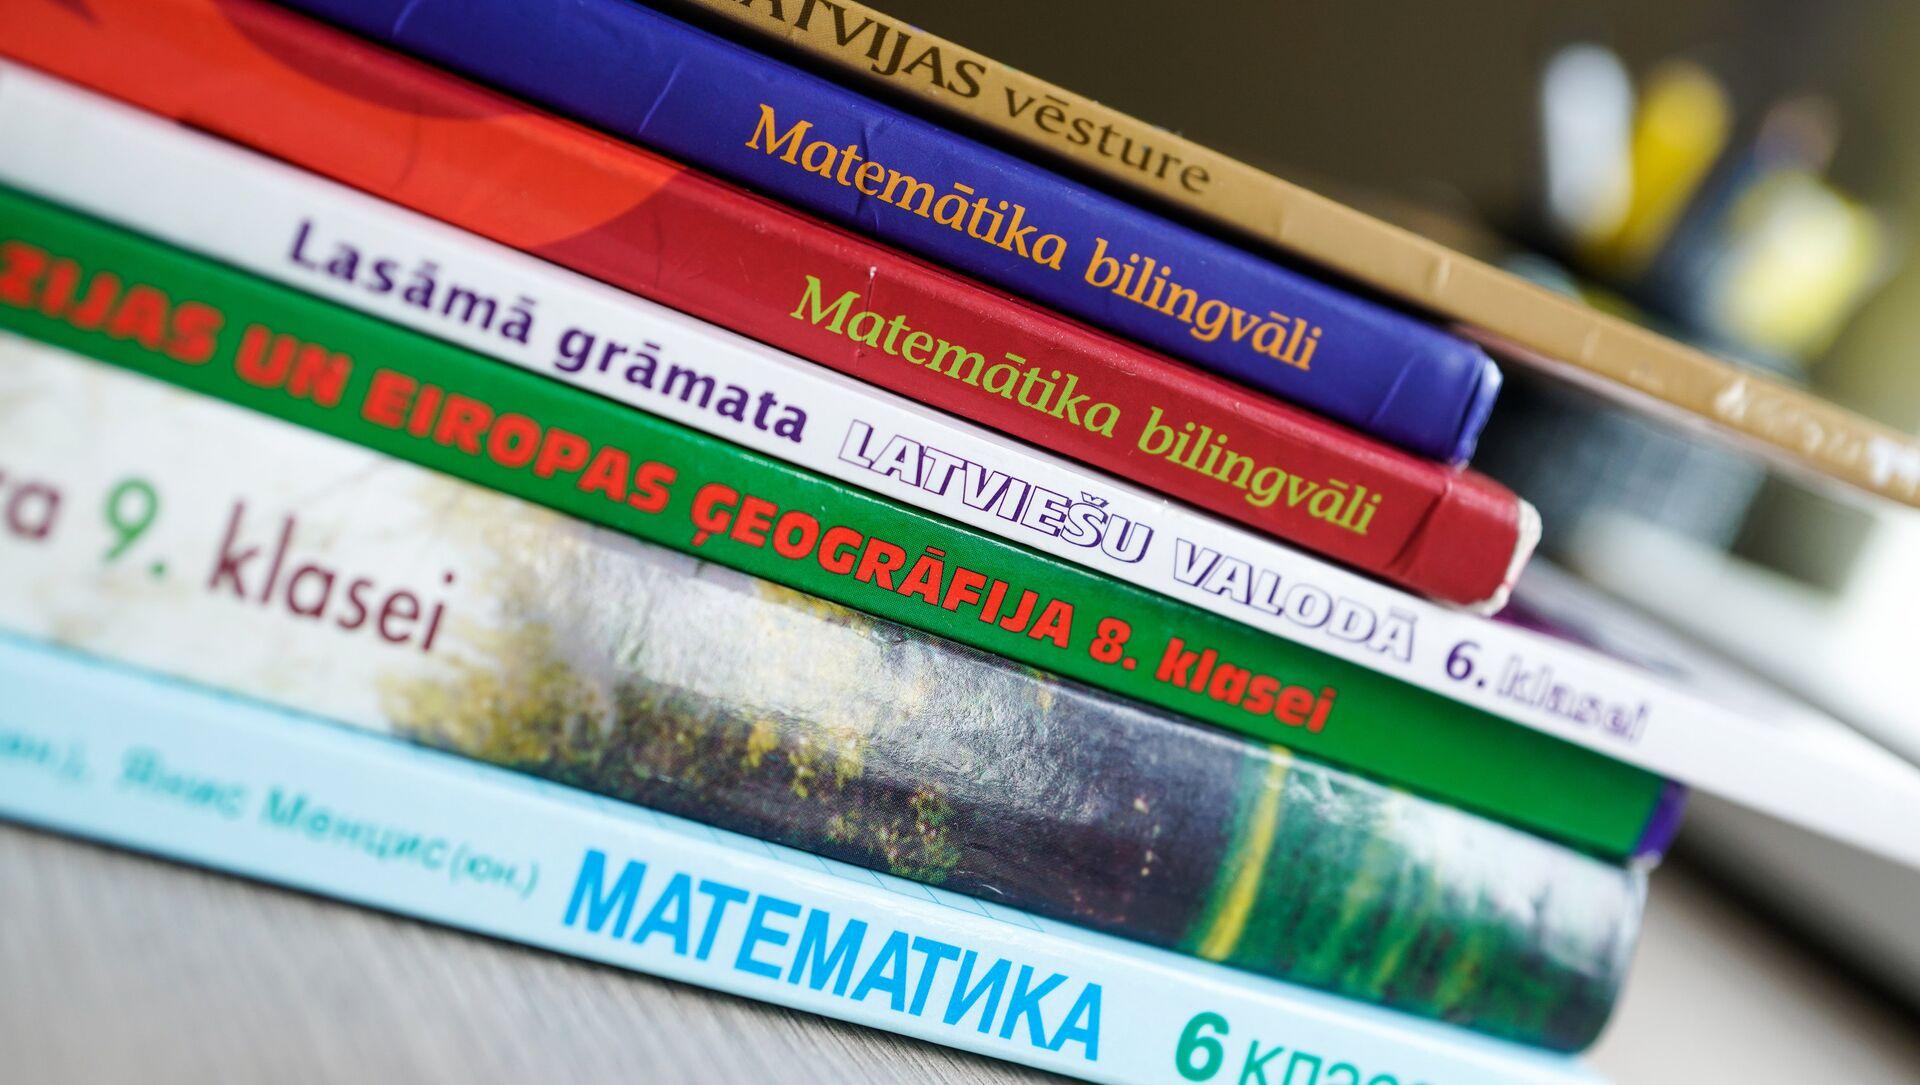 Учебники, по которым учатся дети в русской школе в Латвии - Sputnik Latvija, 1920, 06.04.2021